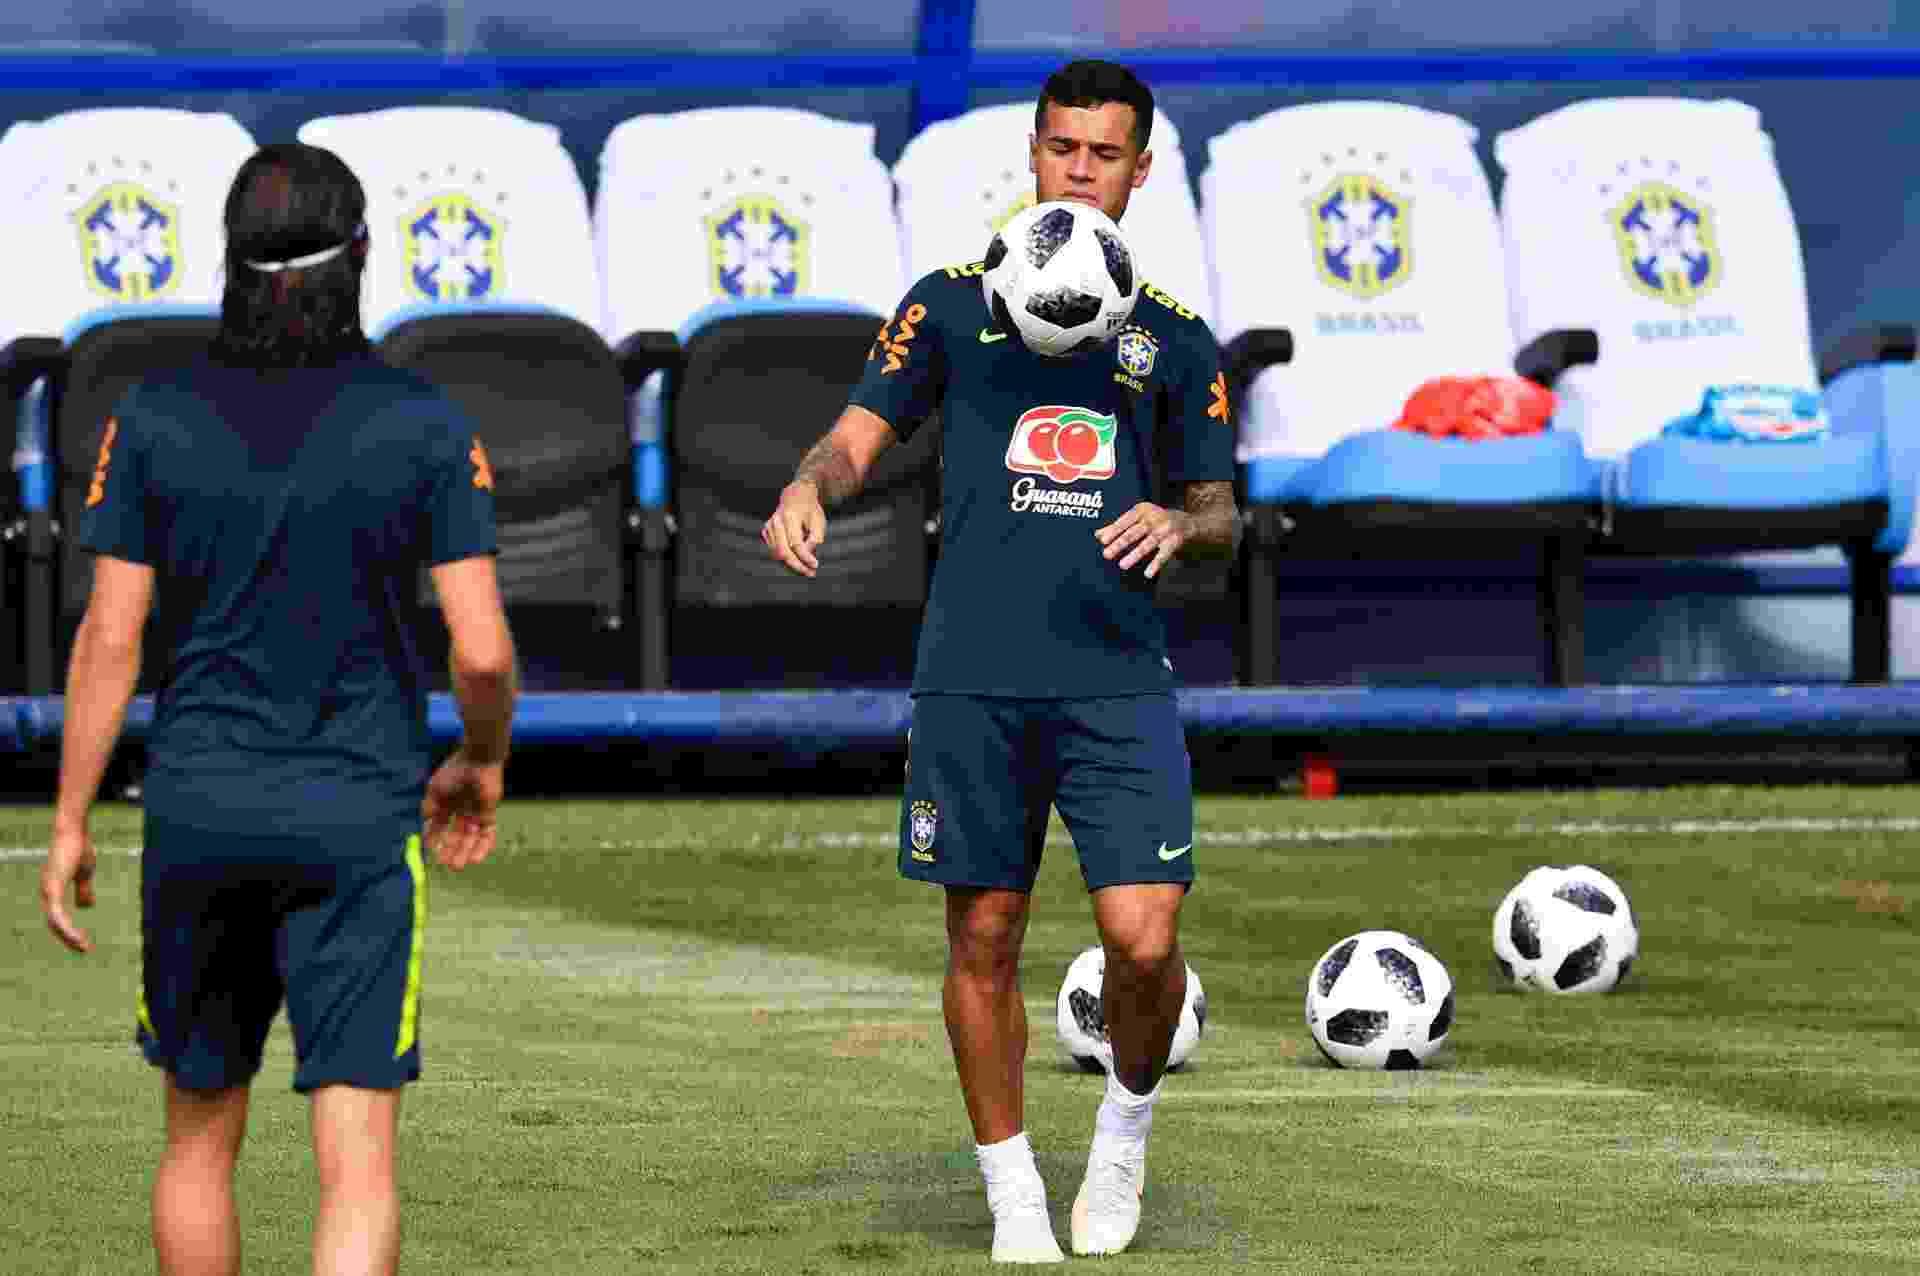 Philippe Coutinho domina a bola no peito durante treino da seleção brasileira - AFP PHOTO / Nelson Almeida